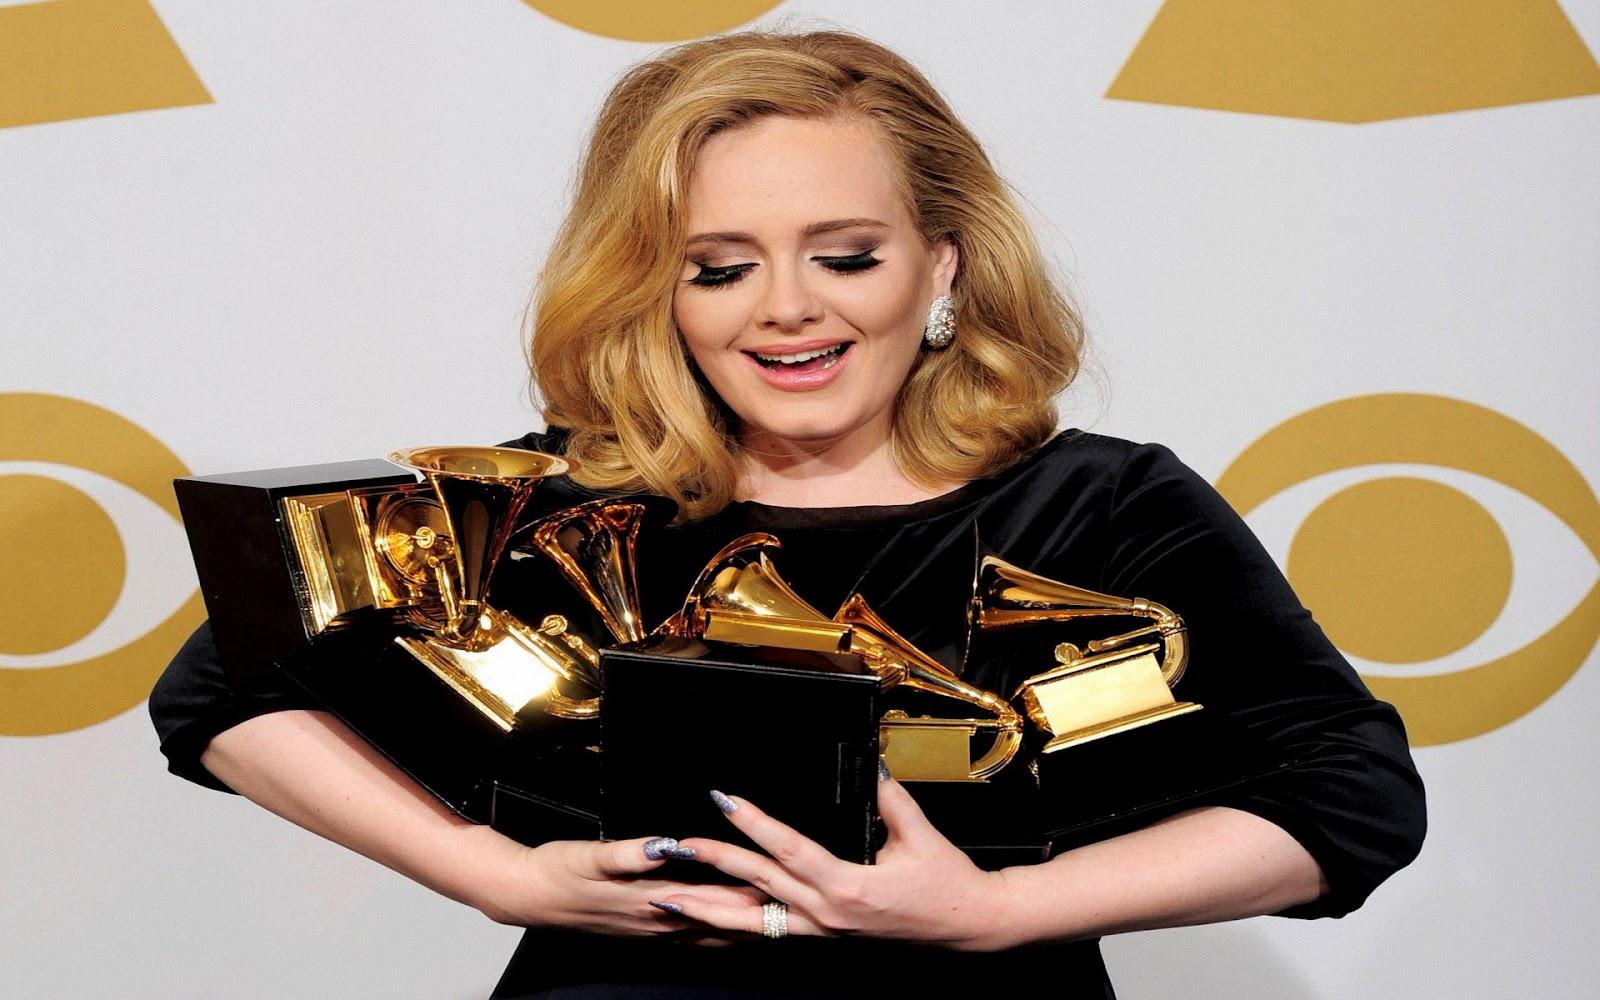 http://2.bp.blogspot.com/-E7qbctXIsDc/Tzw4WCCSZxI/AAAAAAAAPTE/DO1akMDI0OI/s1600/Adele+-+2012+Grammy+Wallpapers+5.jpg